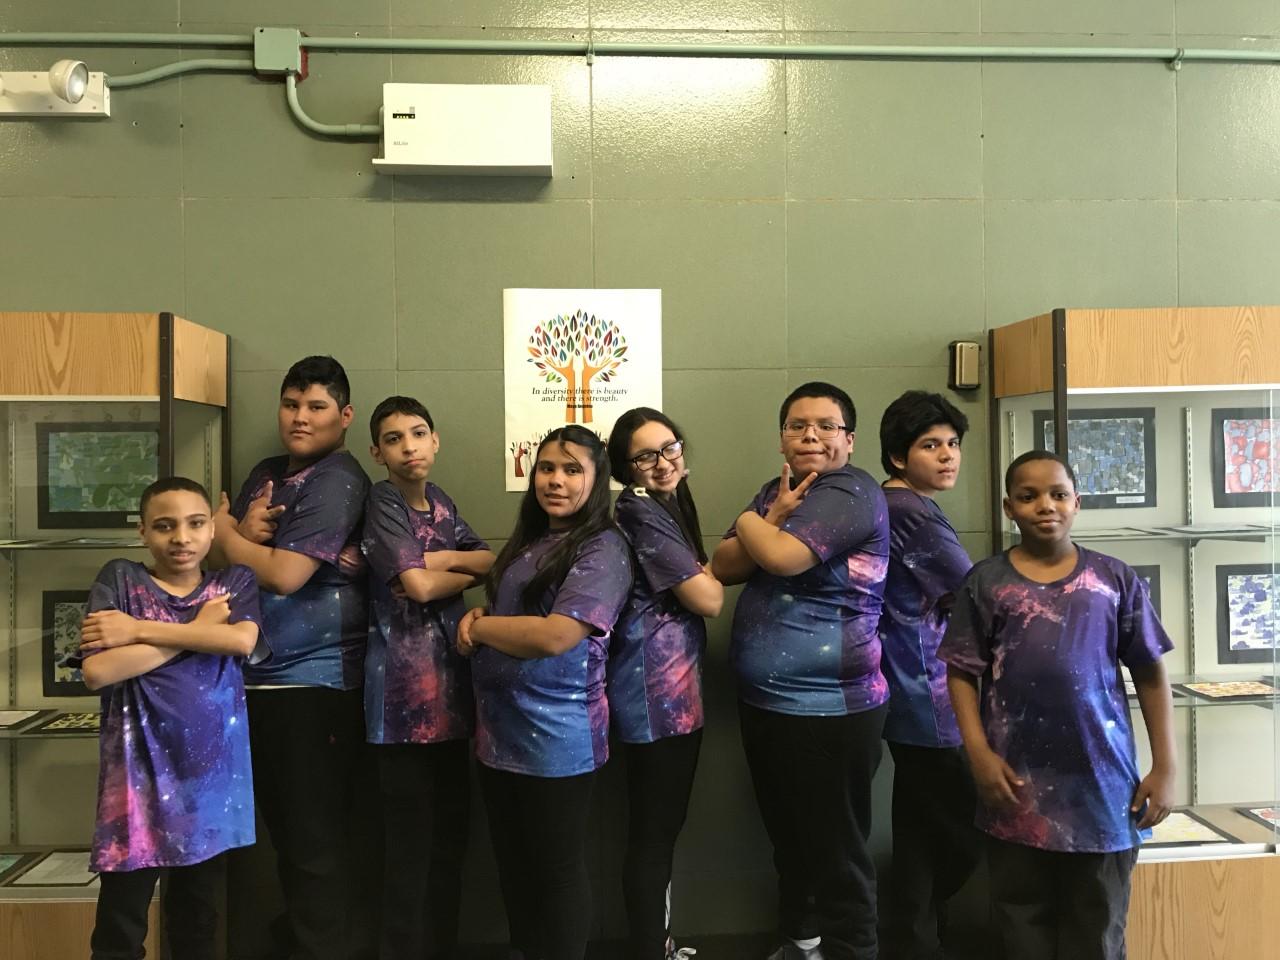 P255q @ PEC Dance Squad!